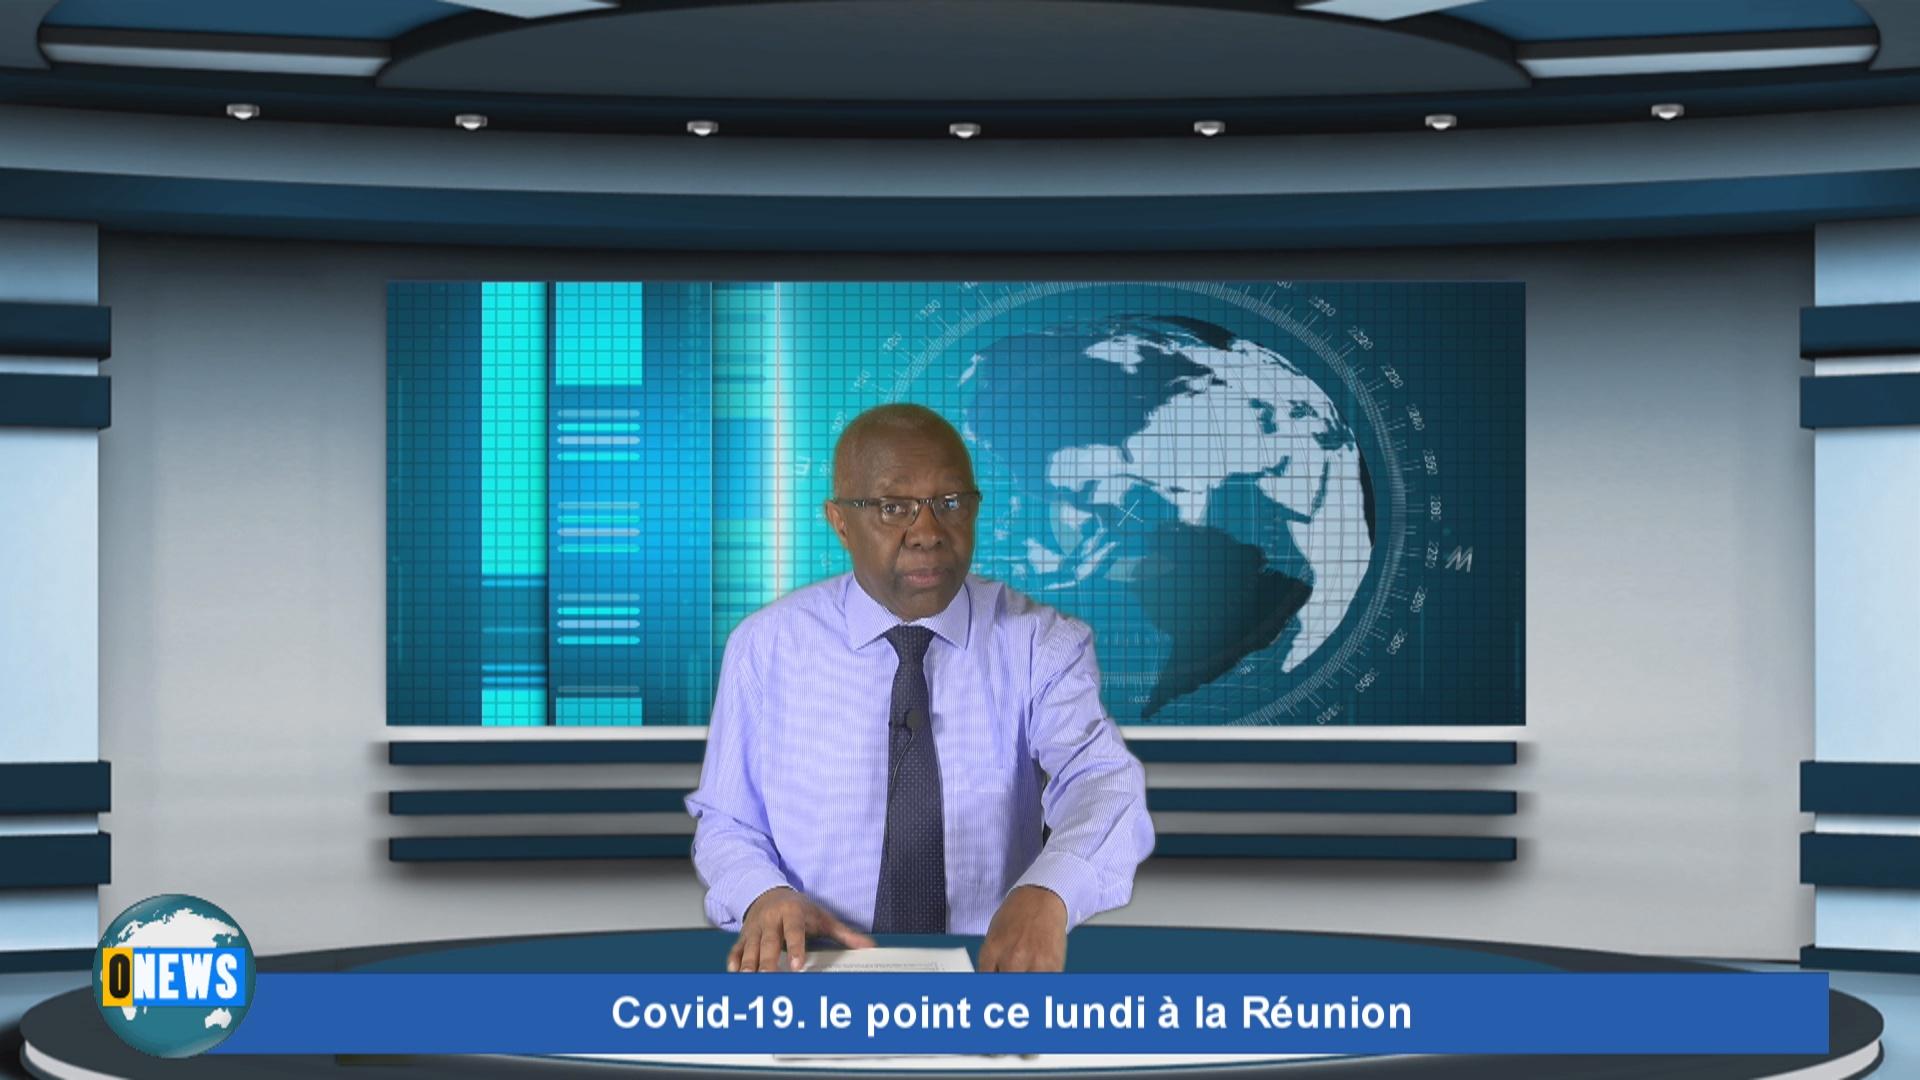 [Vidéo] Onews. Covid-19. le point ce lundi à la Réunion